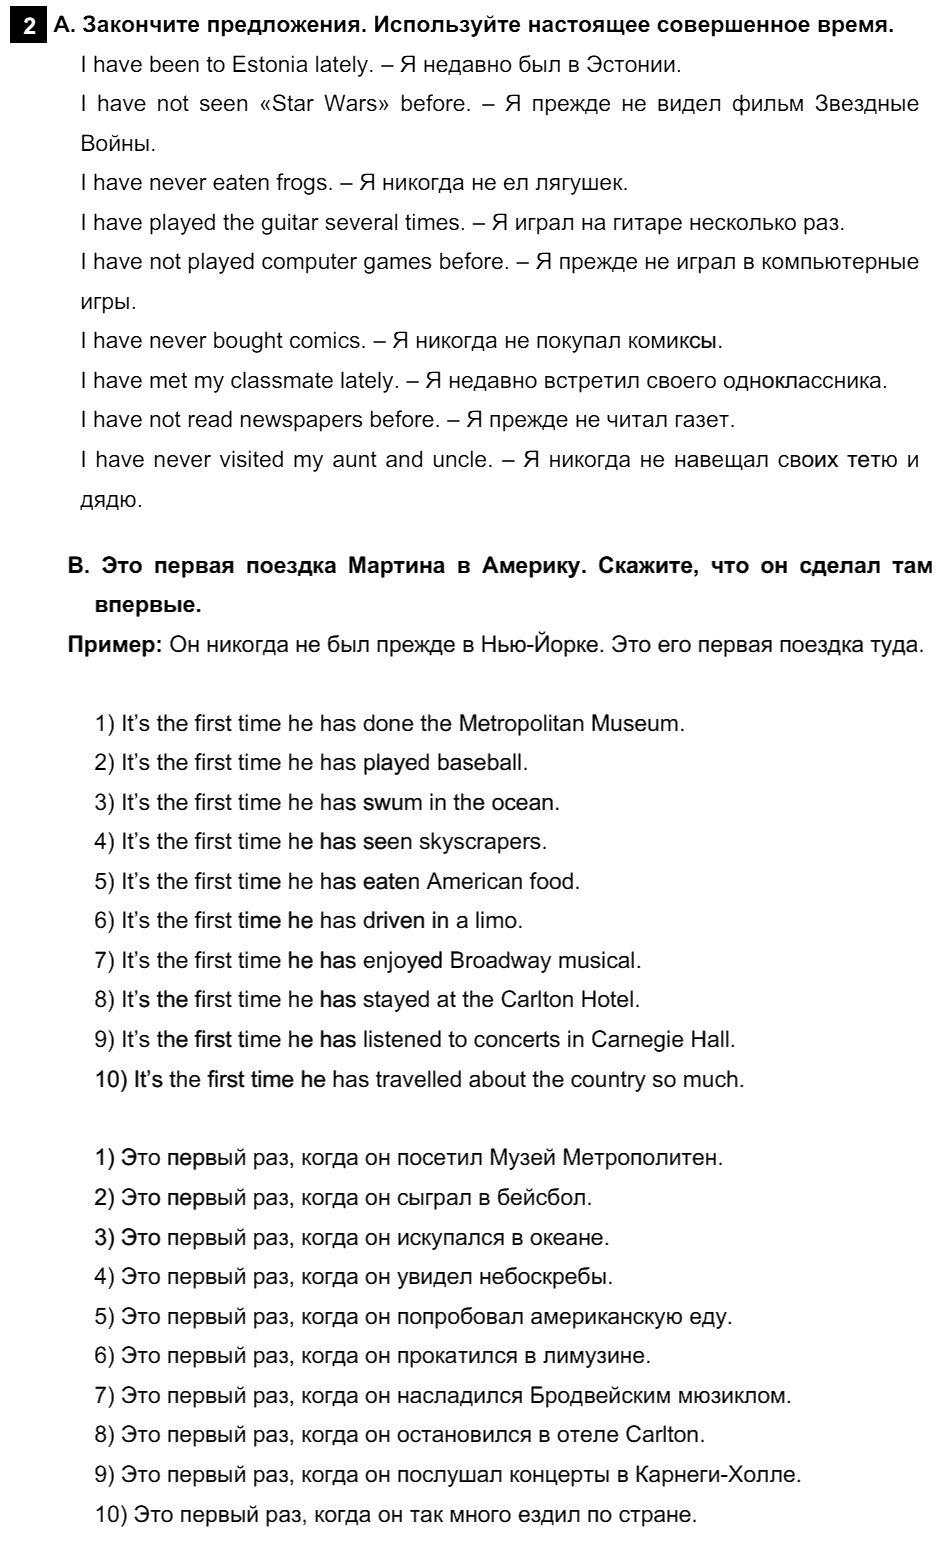 Английский язык 7 класс Афанасьева О. В. Unit 3. Несколько фактов об англоговорящем мире / Шаг 6: 2